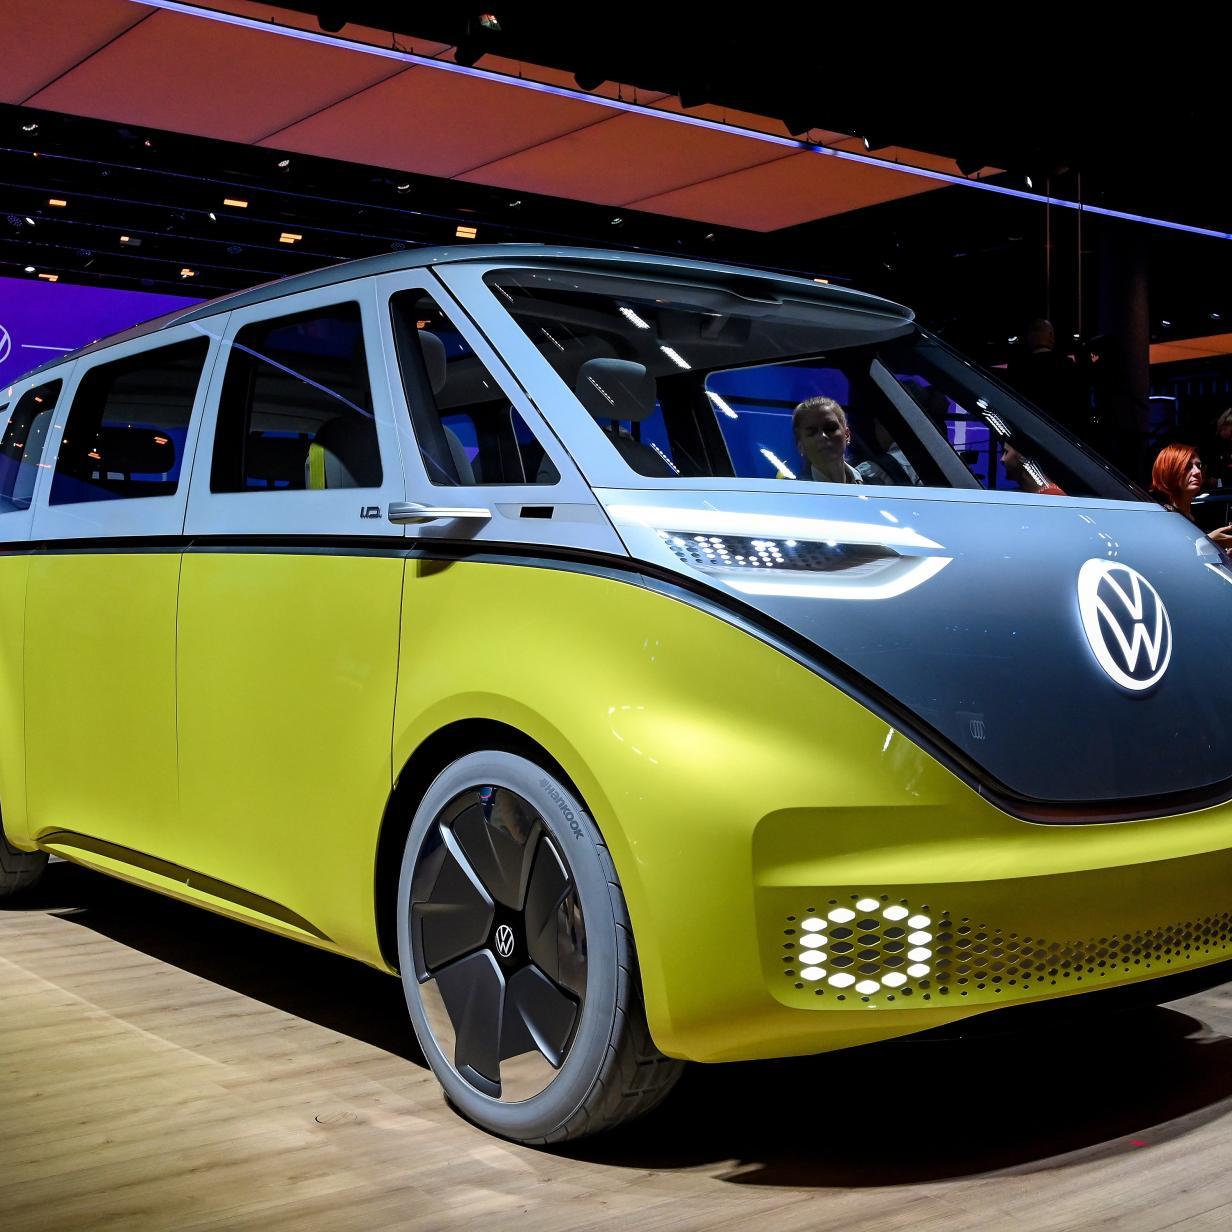 VW wird Katar mit selbstfahrender Busflotte ausstatten